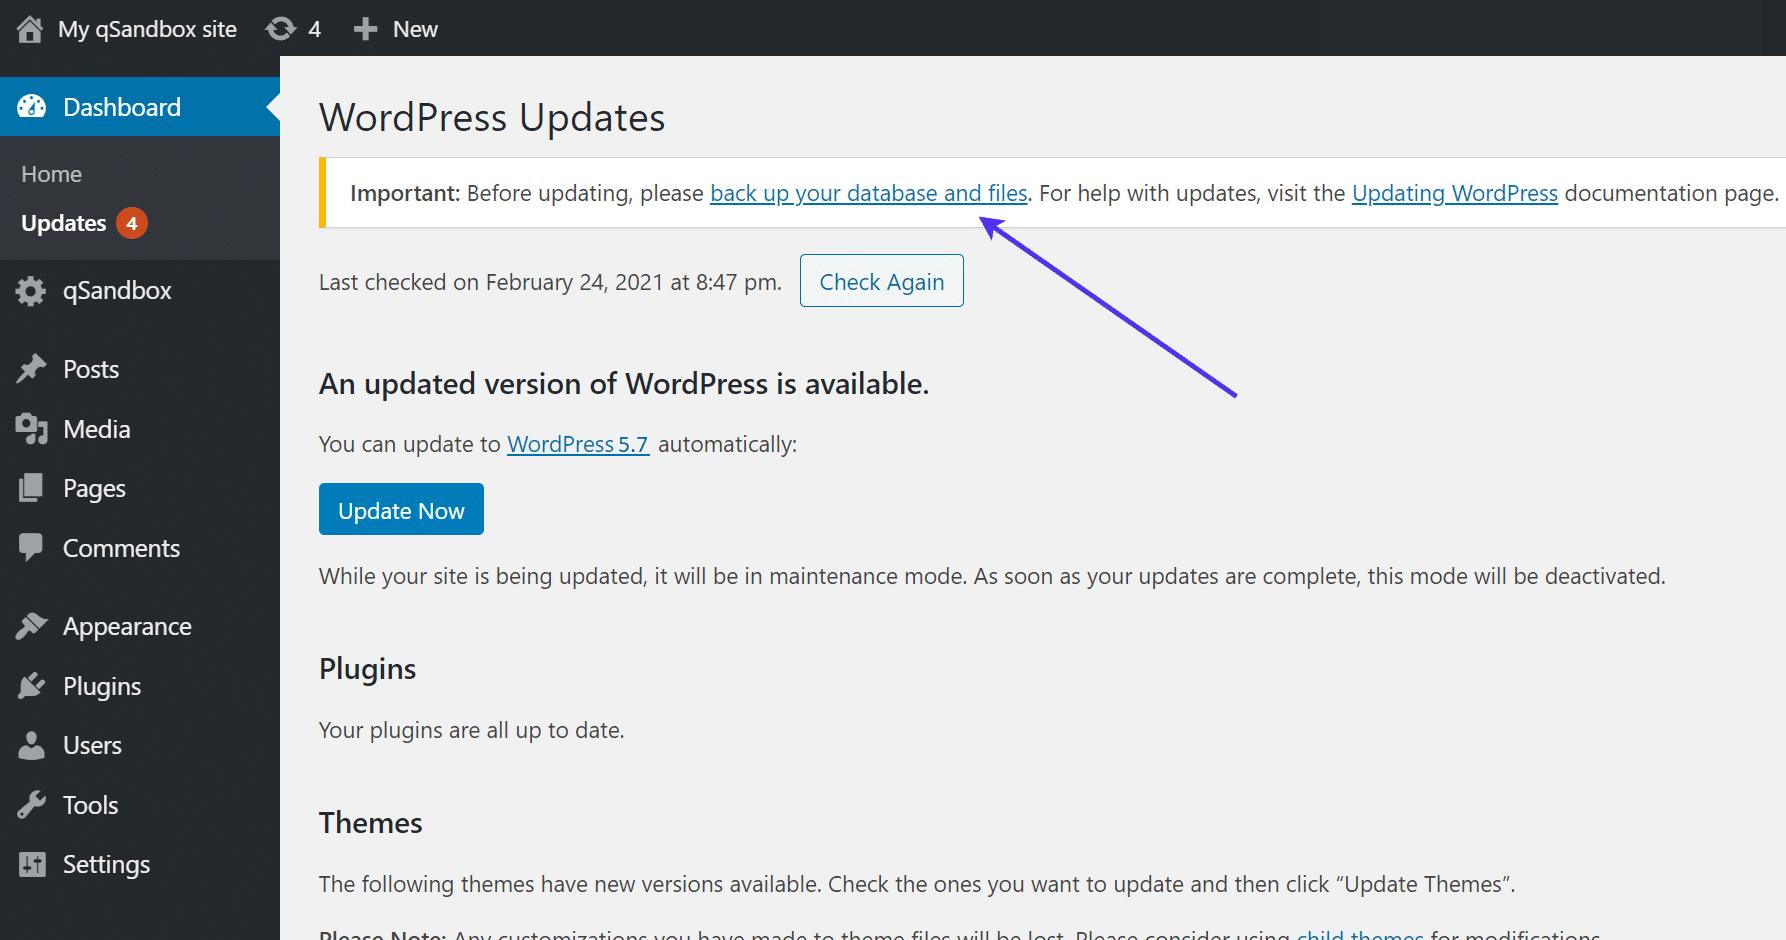 WordPress更新前备份提示